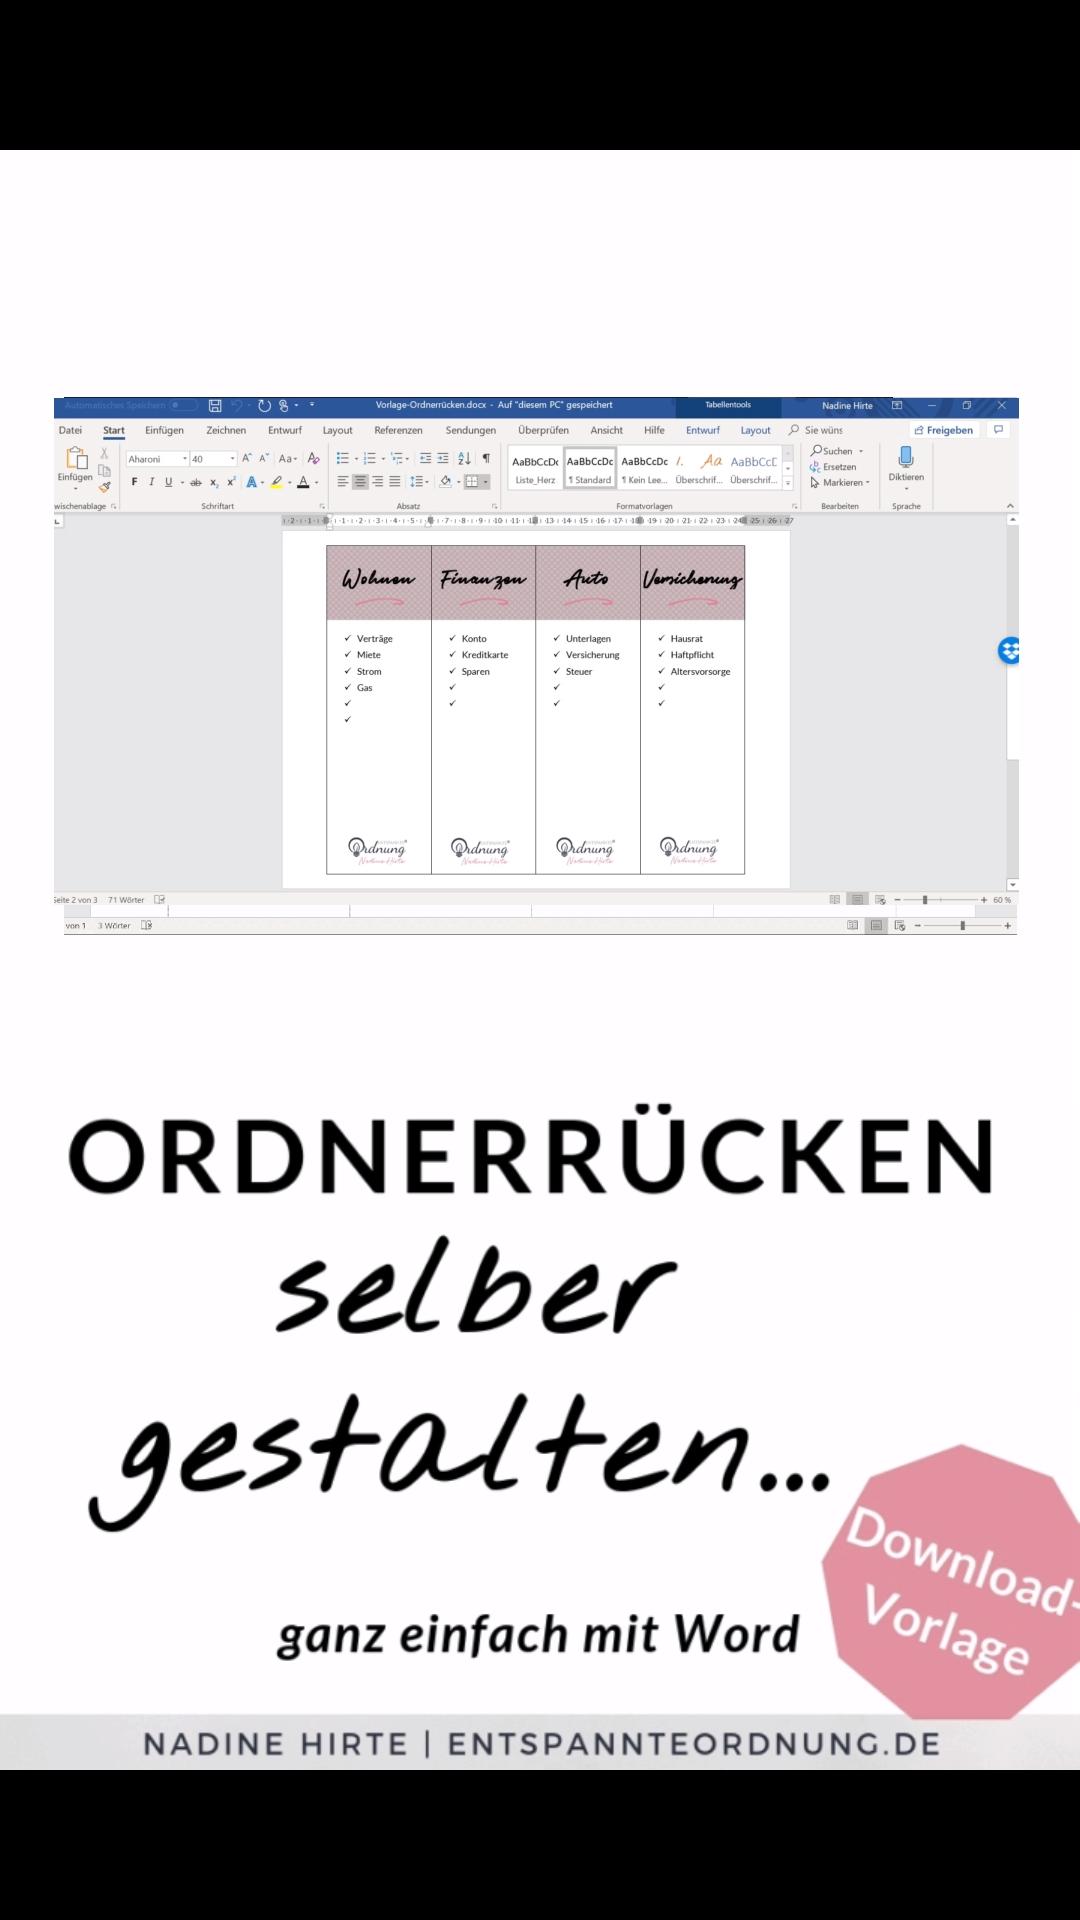 Ordnerrucken Word Kostenlose Vorlage Zum Download Video Video Ordnerrucken Word Ordnerrucken Vorlage Kostenlose Vorlagen